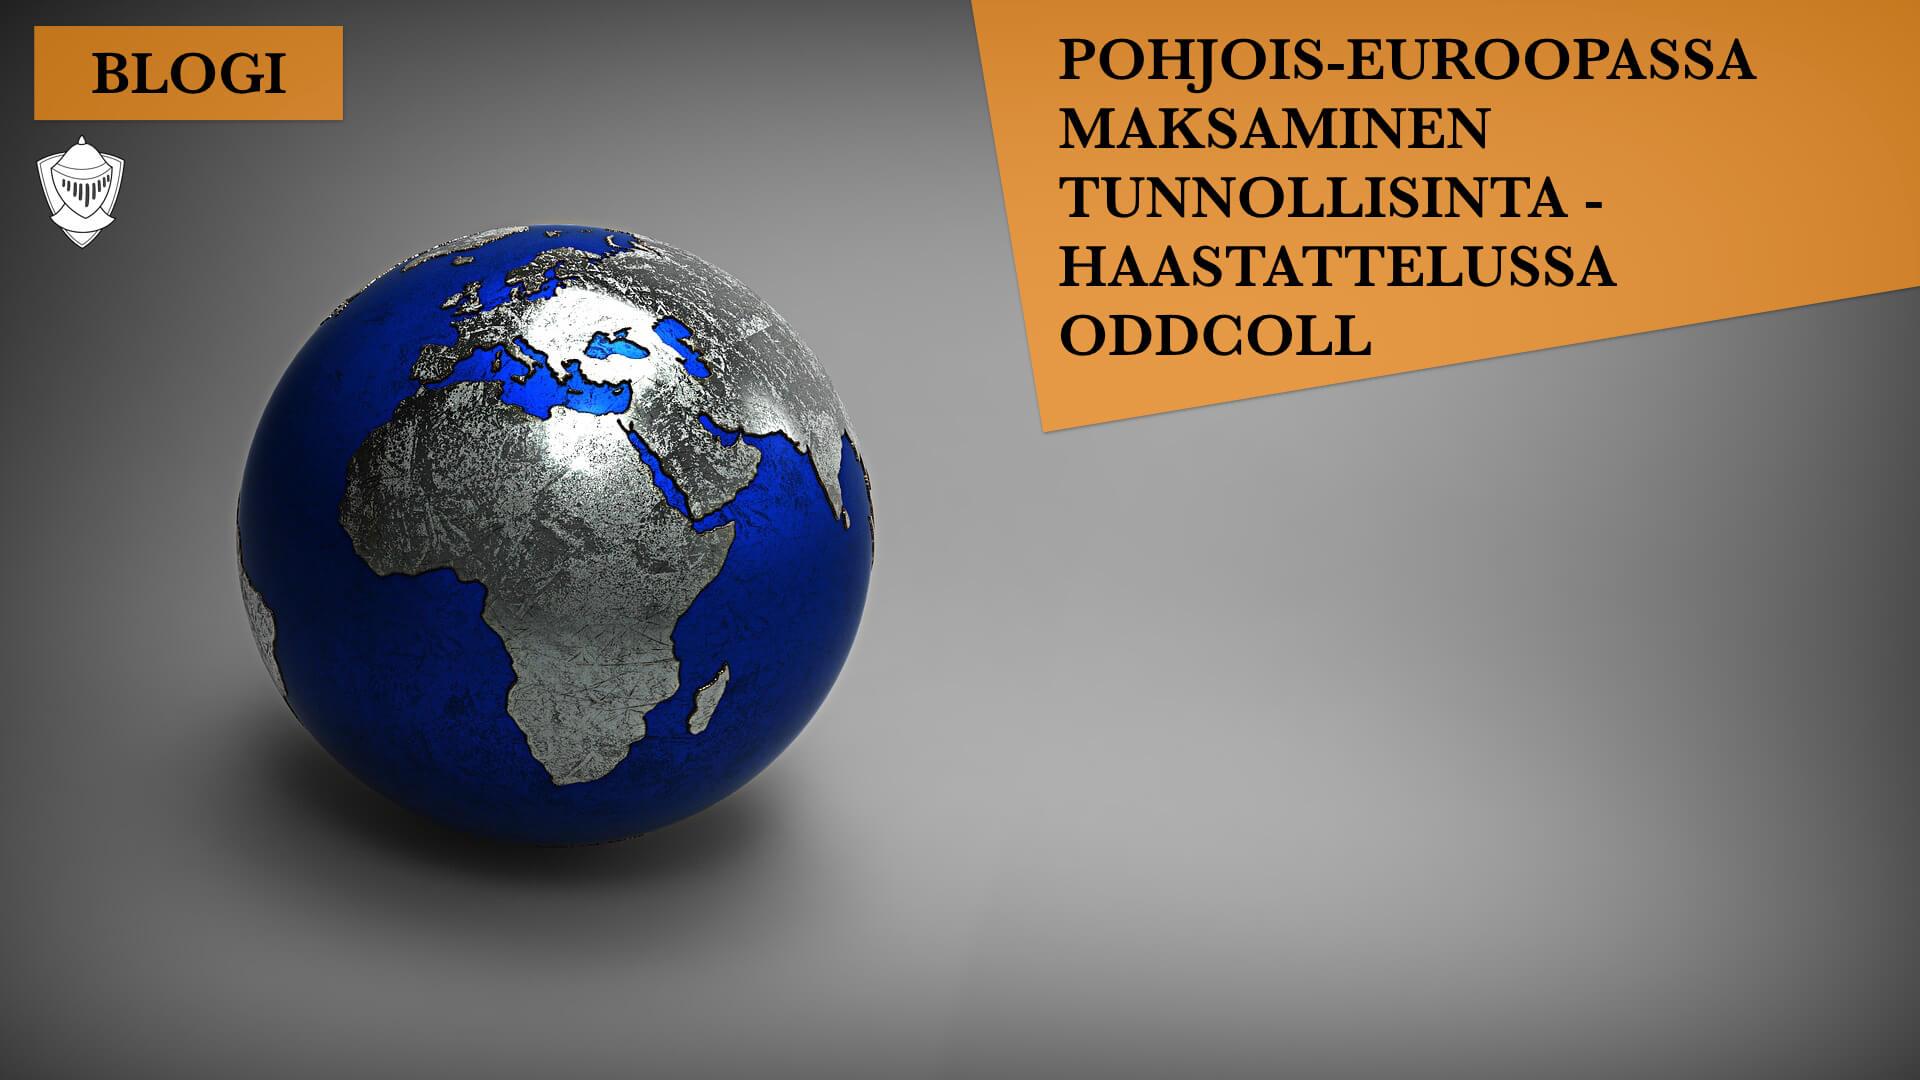 Oddcoll auttaa kansainvälisessä perinnässä Euroopassa